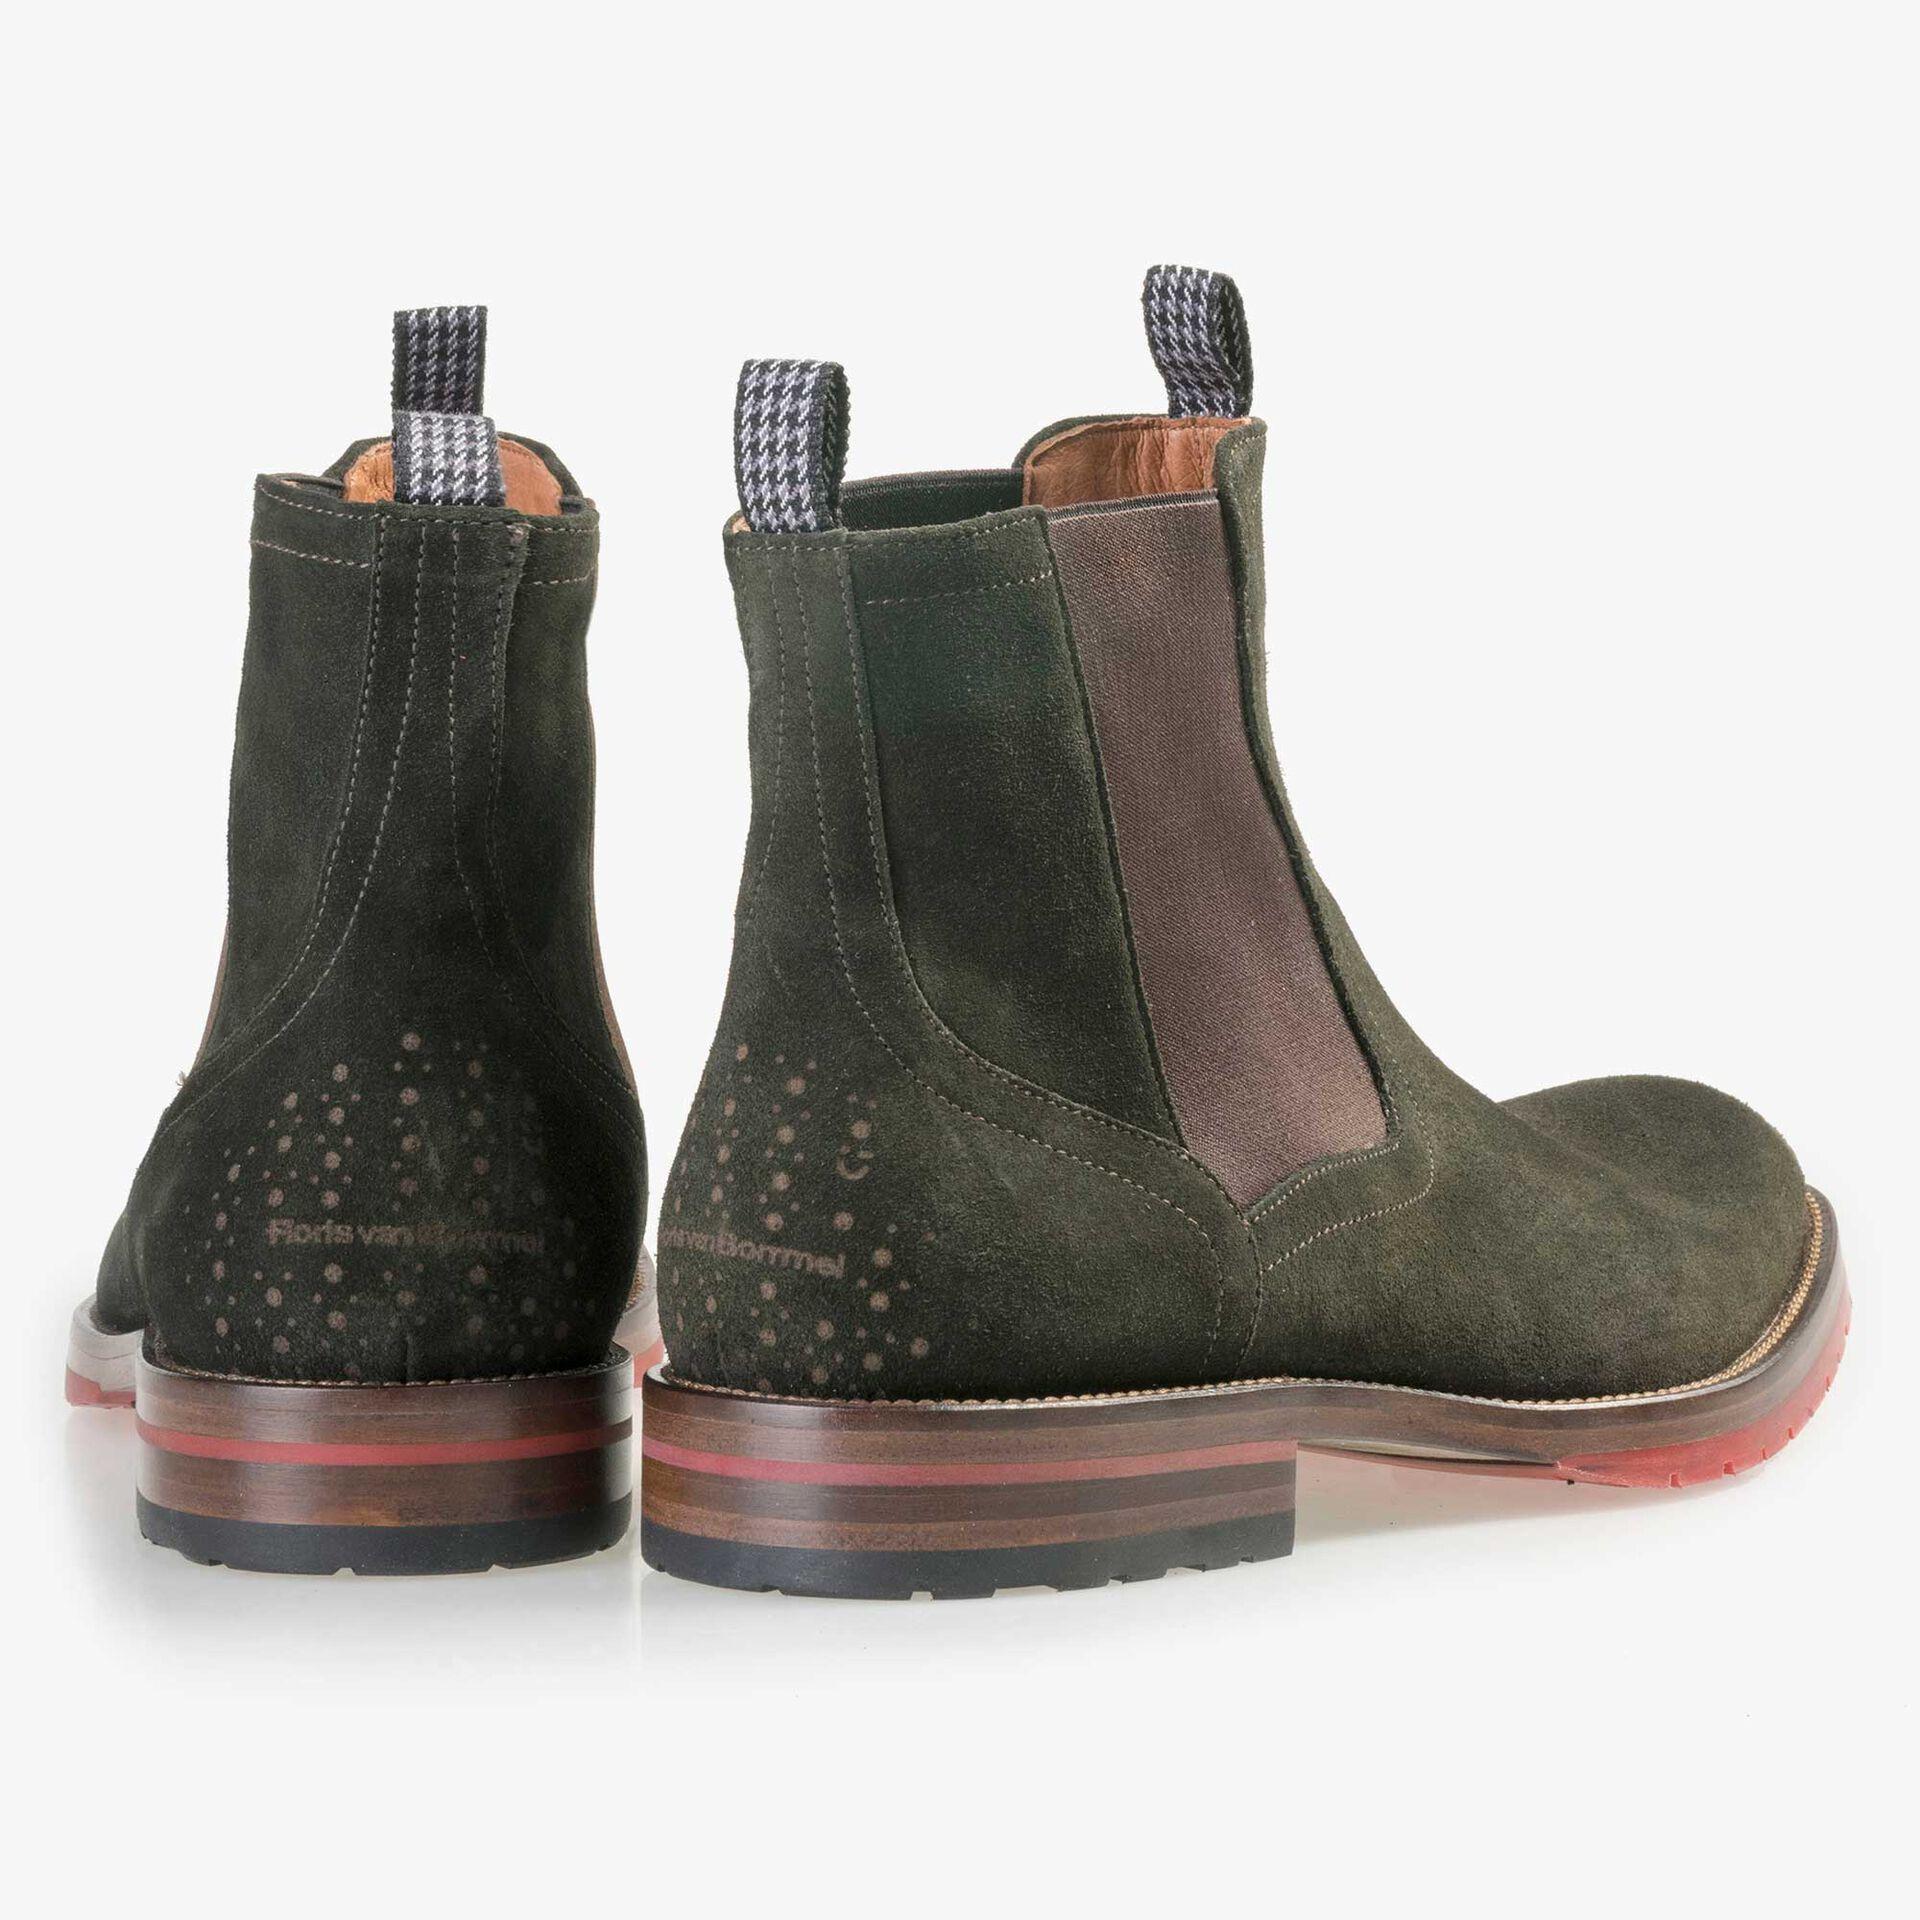 Floris van Bommel men's olive green suede leather Chelsea boot